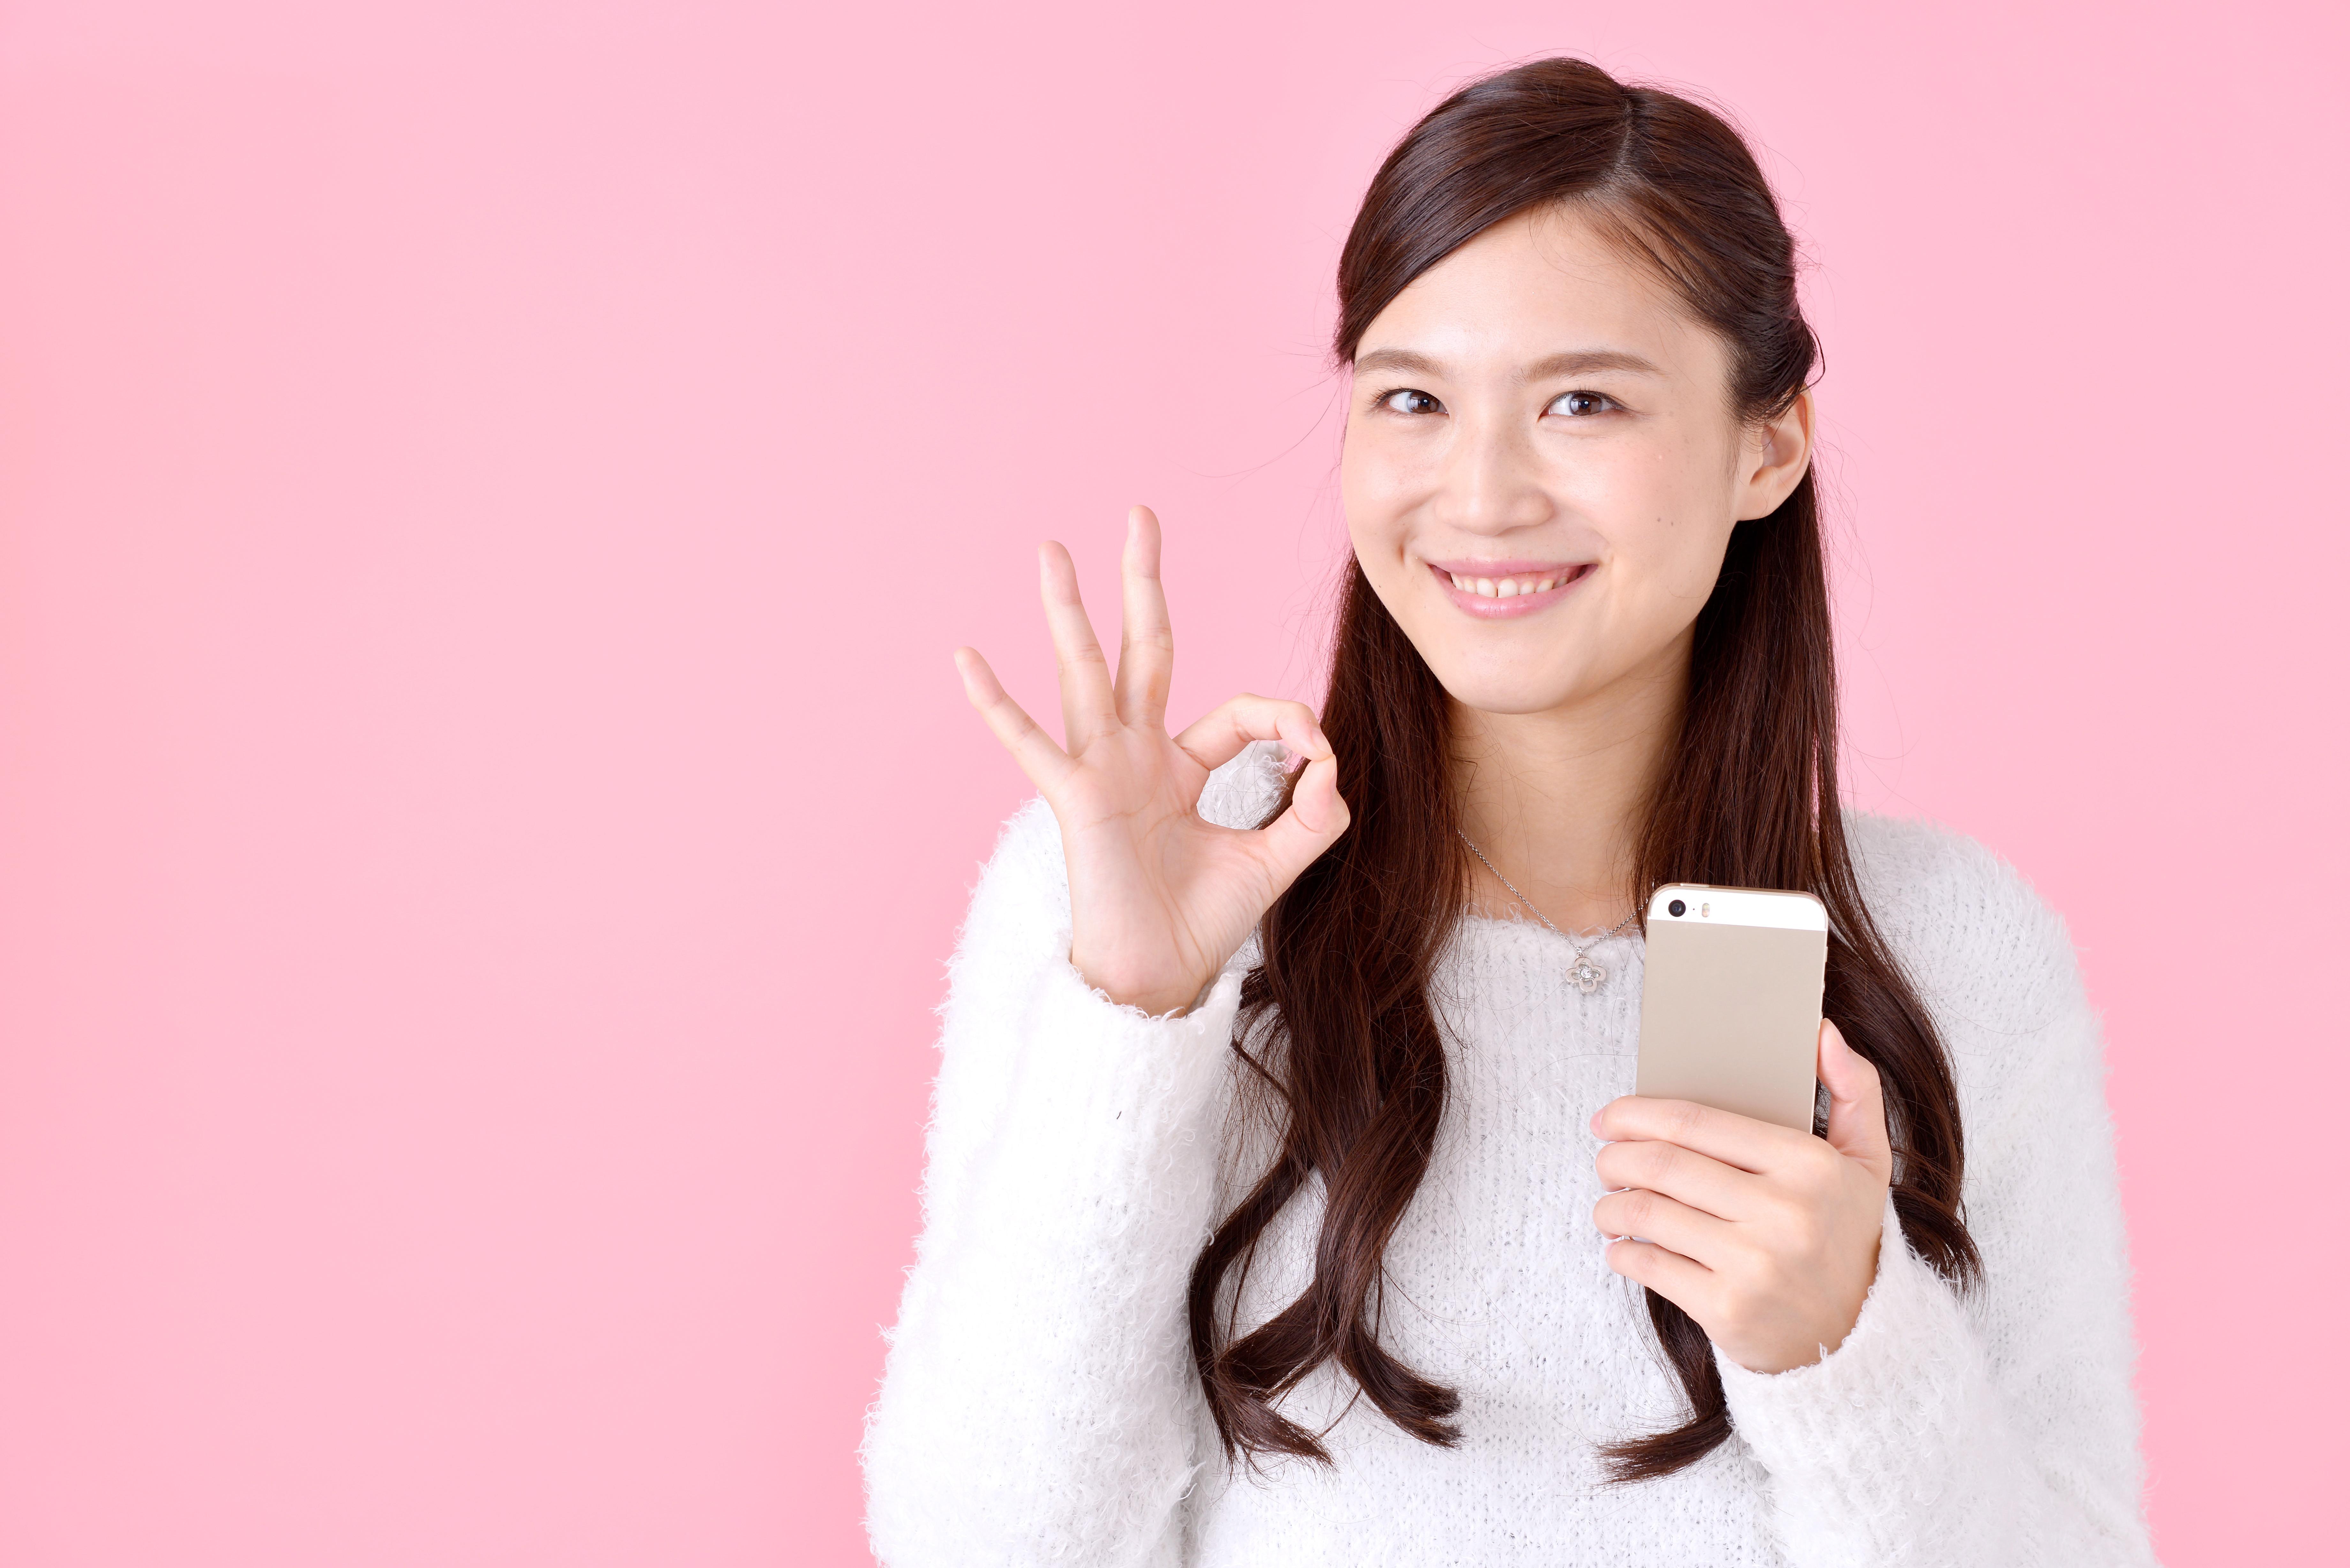 【注目】新潟の婚活パーティー人気ランキングトップクラス!